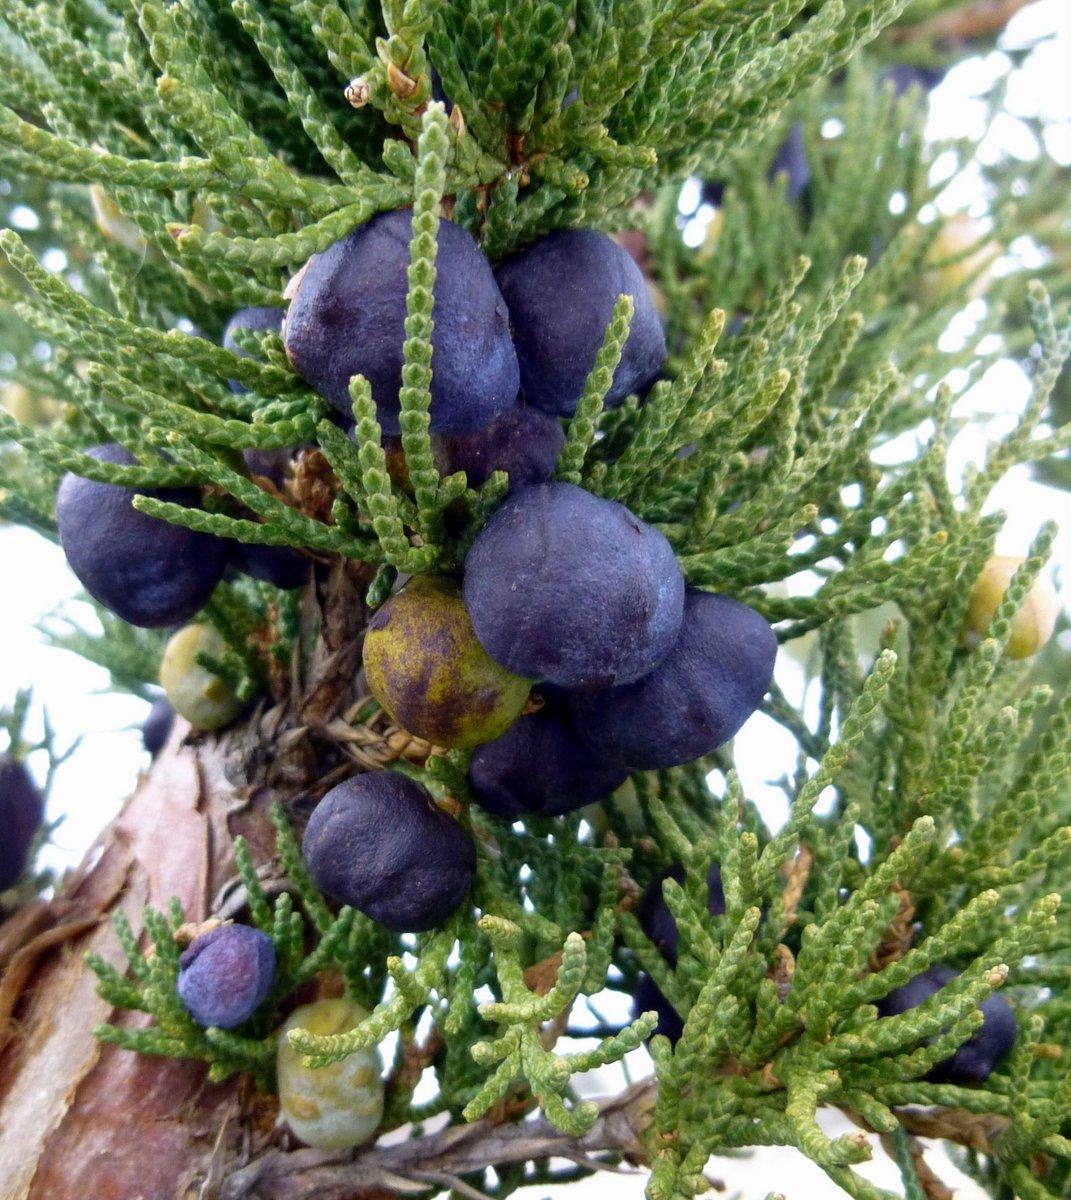 4. Juniper Berries